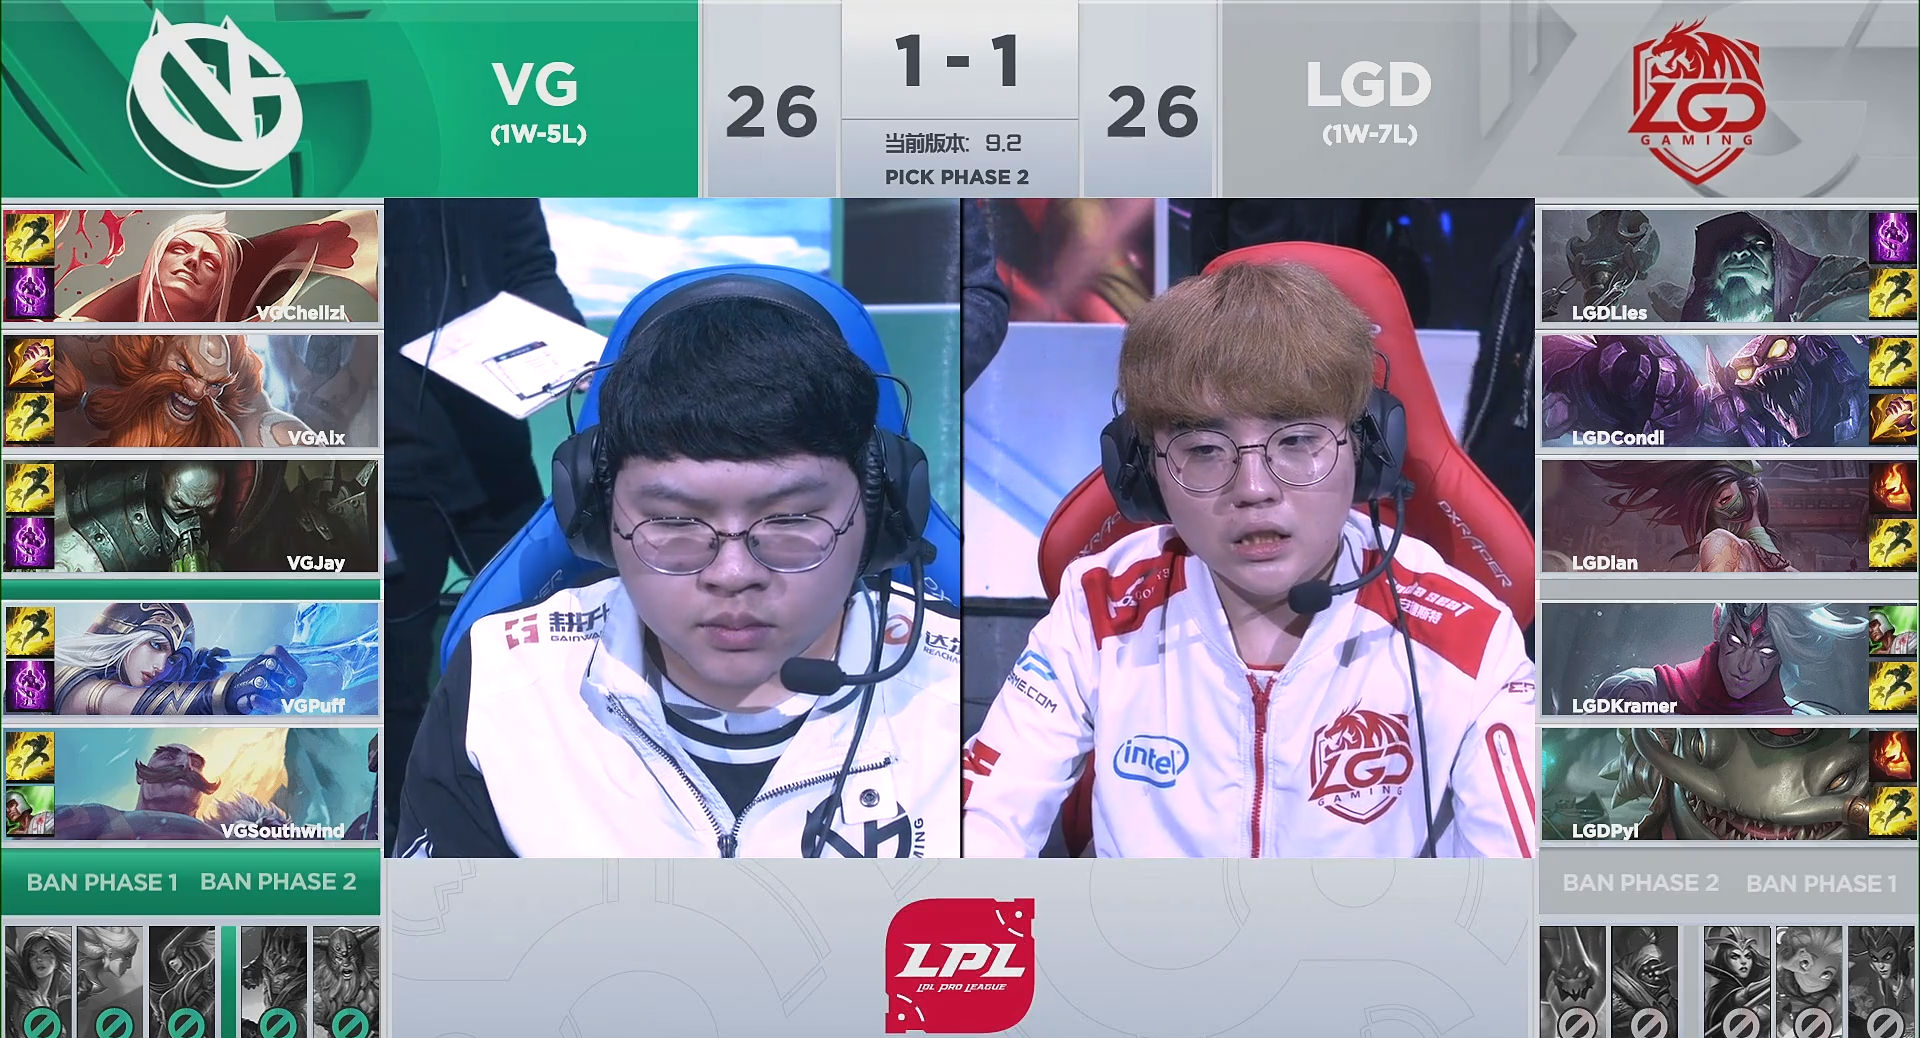 【战报】峡谷再现换家场景,VG让一追二击败LGD